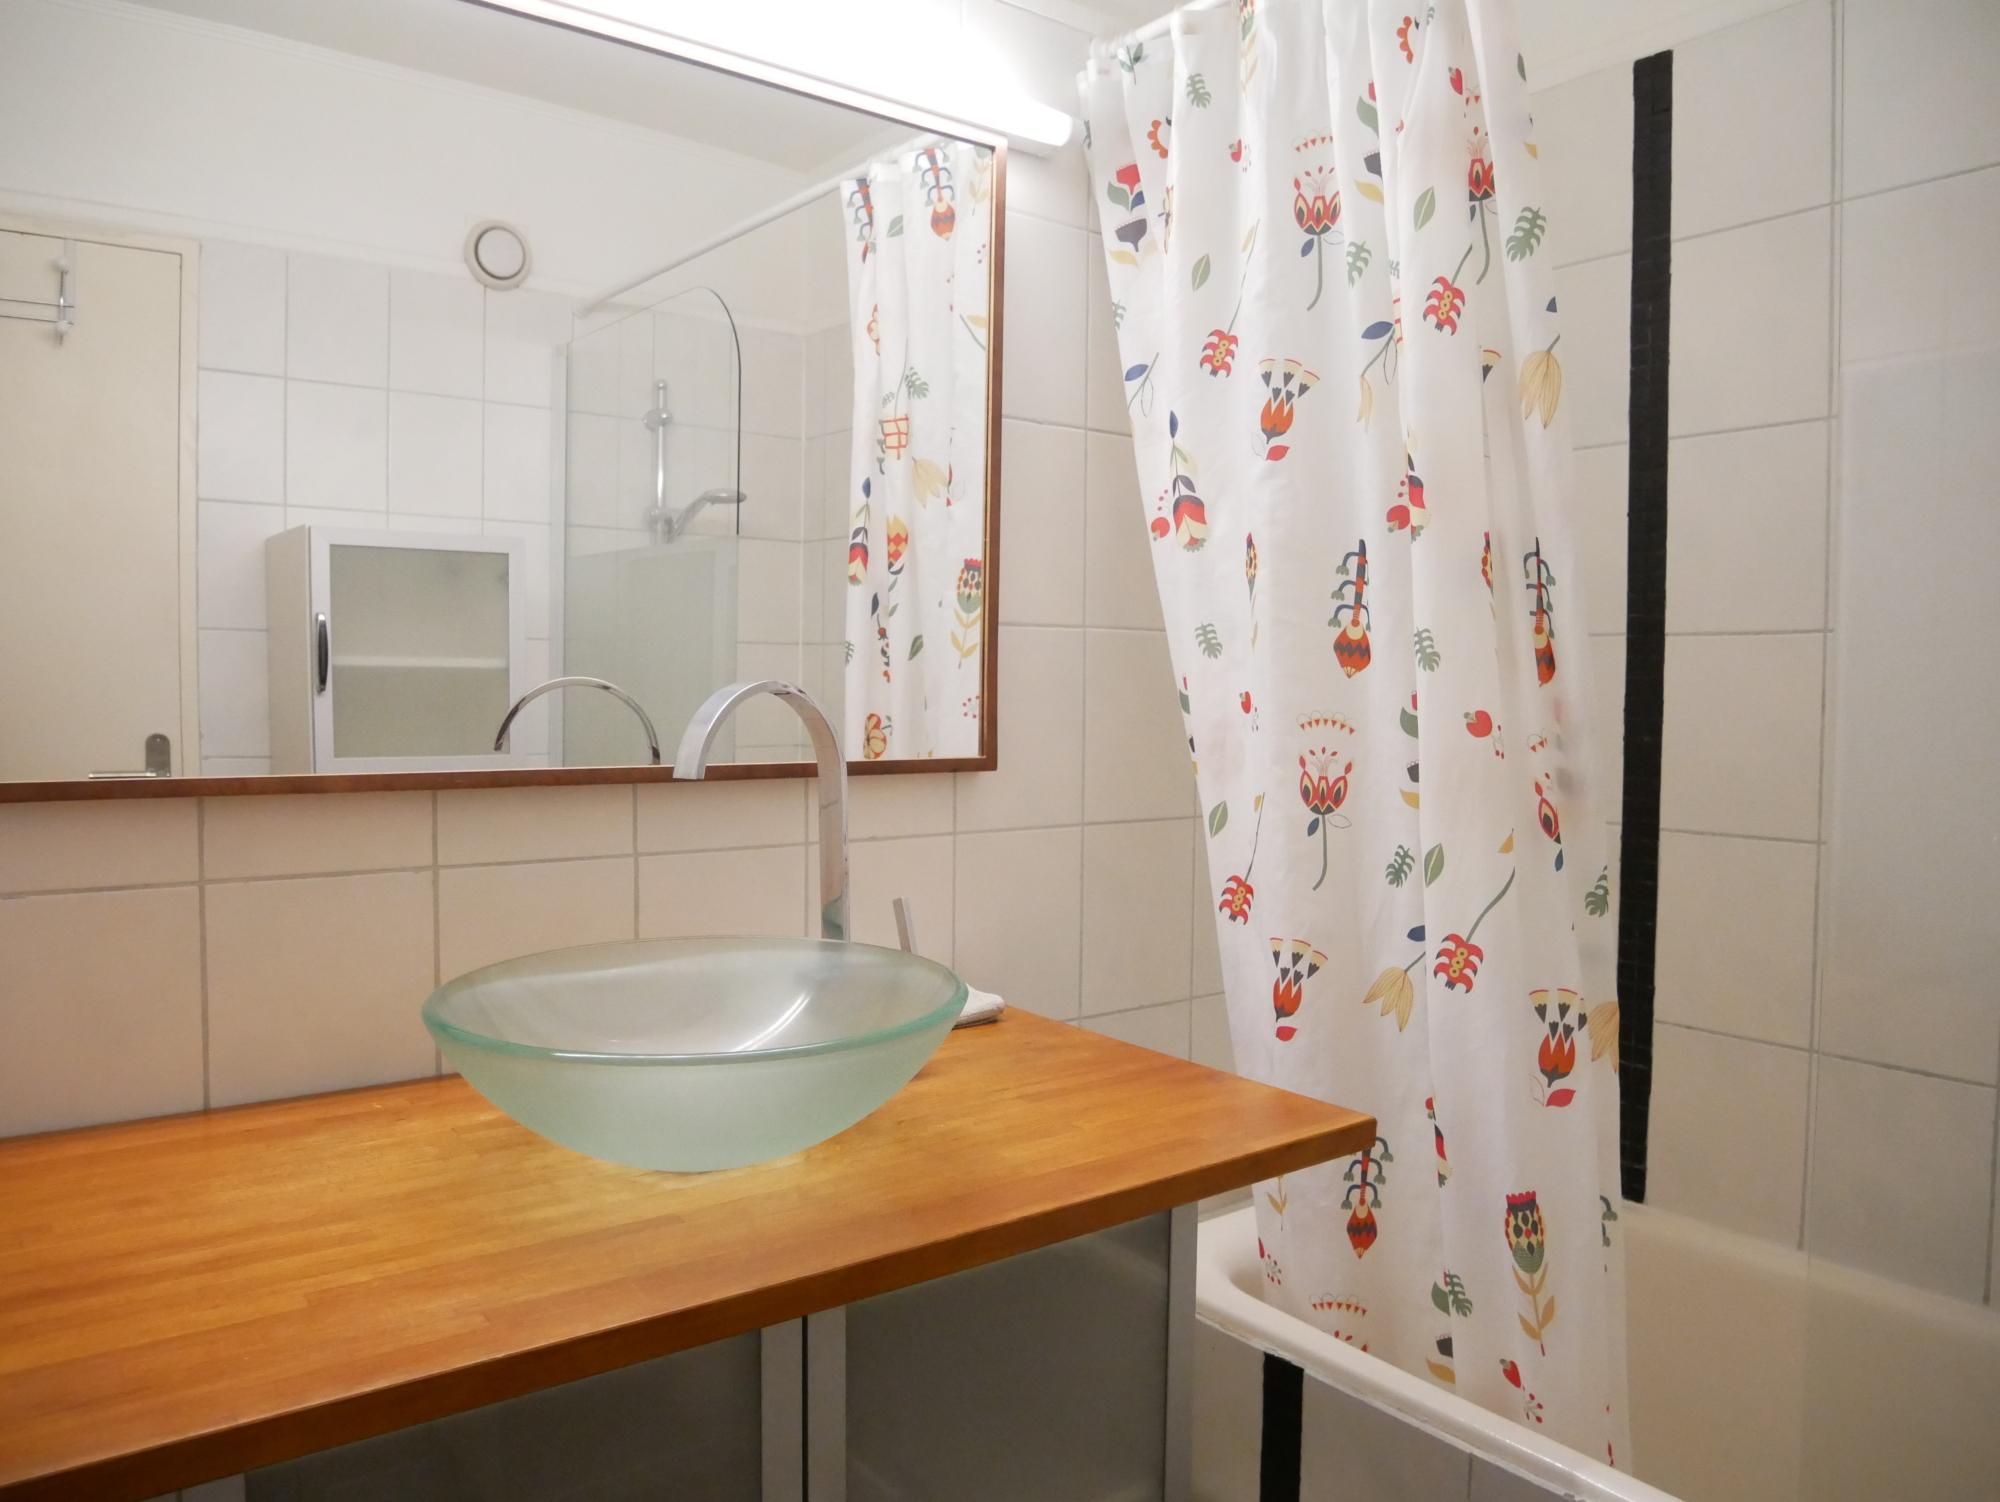 [Cosy] Agréable 2 pièces meublé – Bourse / rue Paul Reiss - nos locations - Beausite Immobilier 6